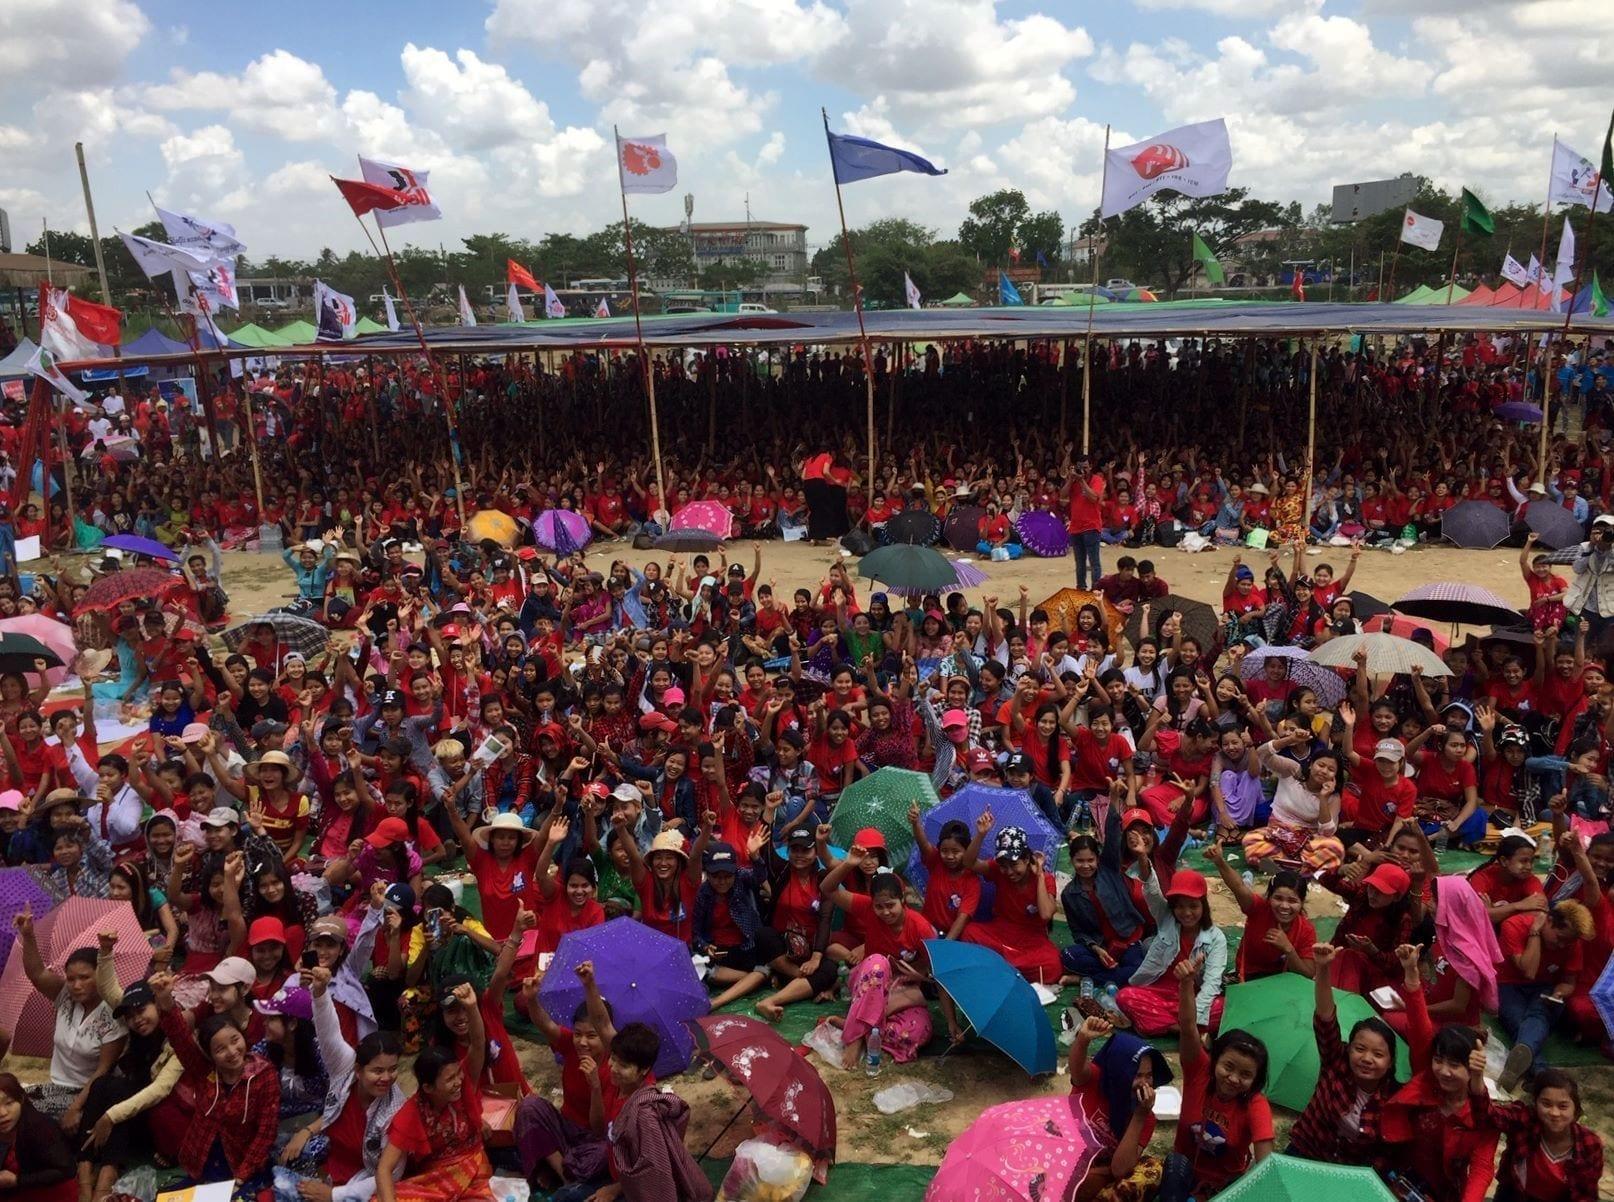 May Day 2019, Solidarity Center, Myanmar, Burma